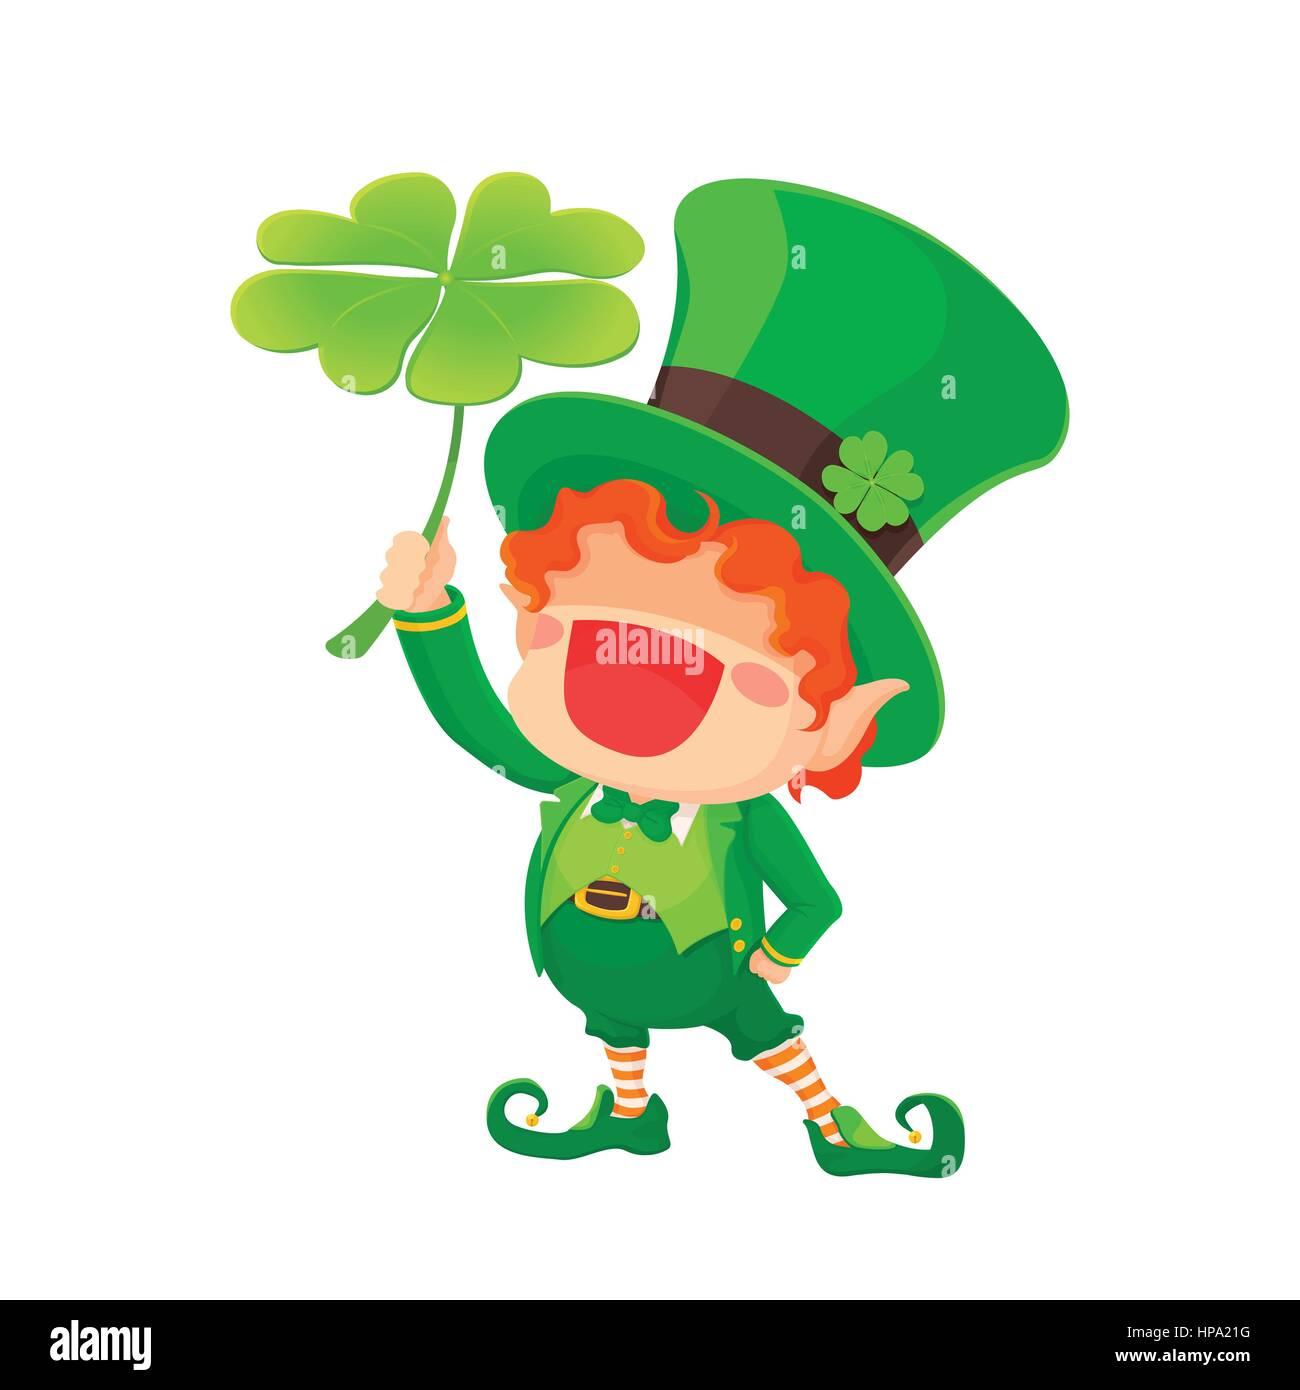 Ilustración vectorial del Día de San Patricio feliz duende con trébol de cuatro  hojas. Trébol 2bf9bbe74710